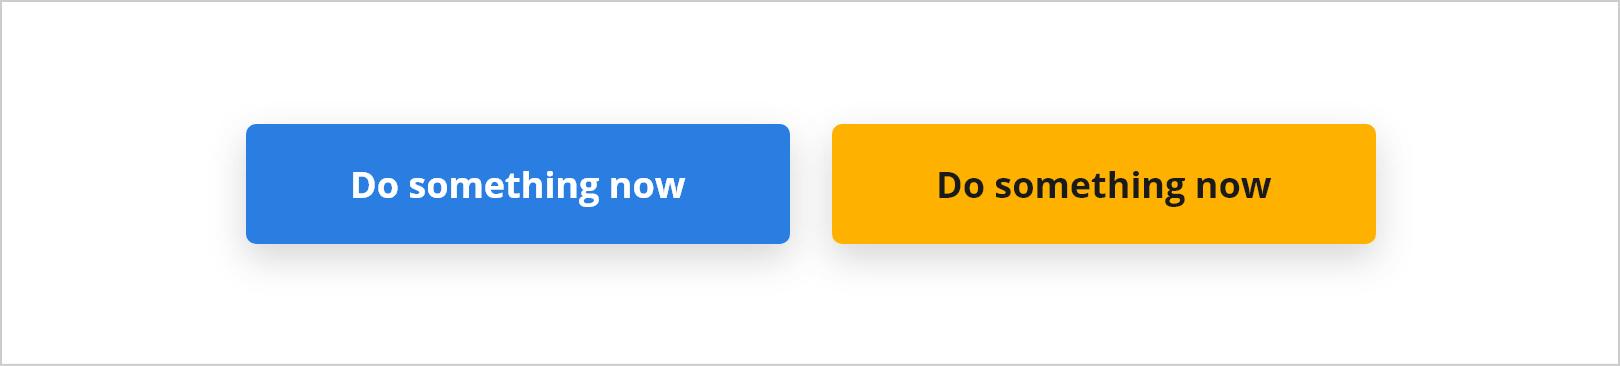 CTA-do-something-now